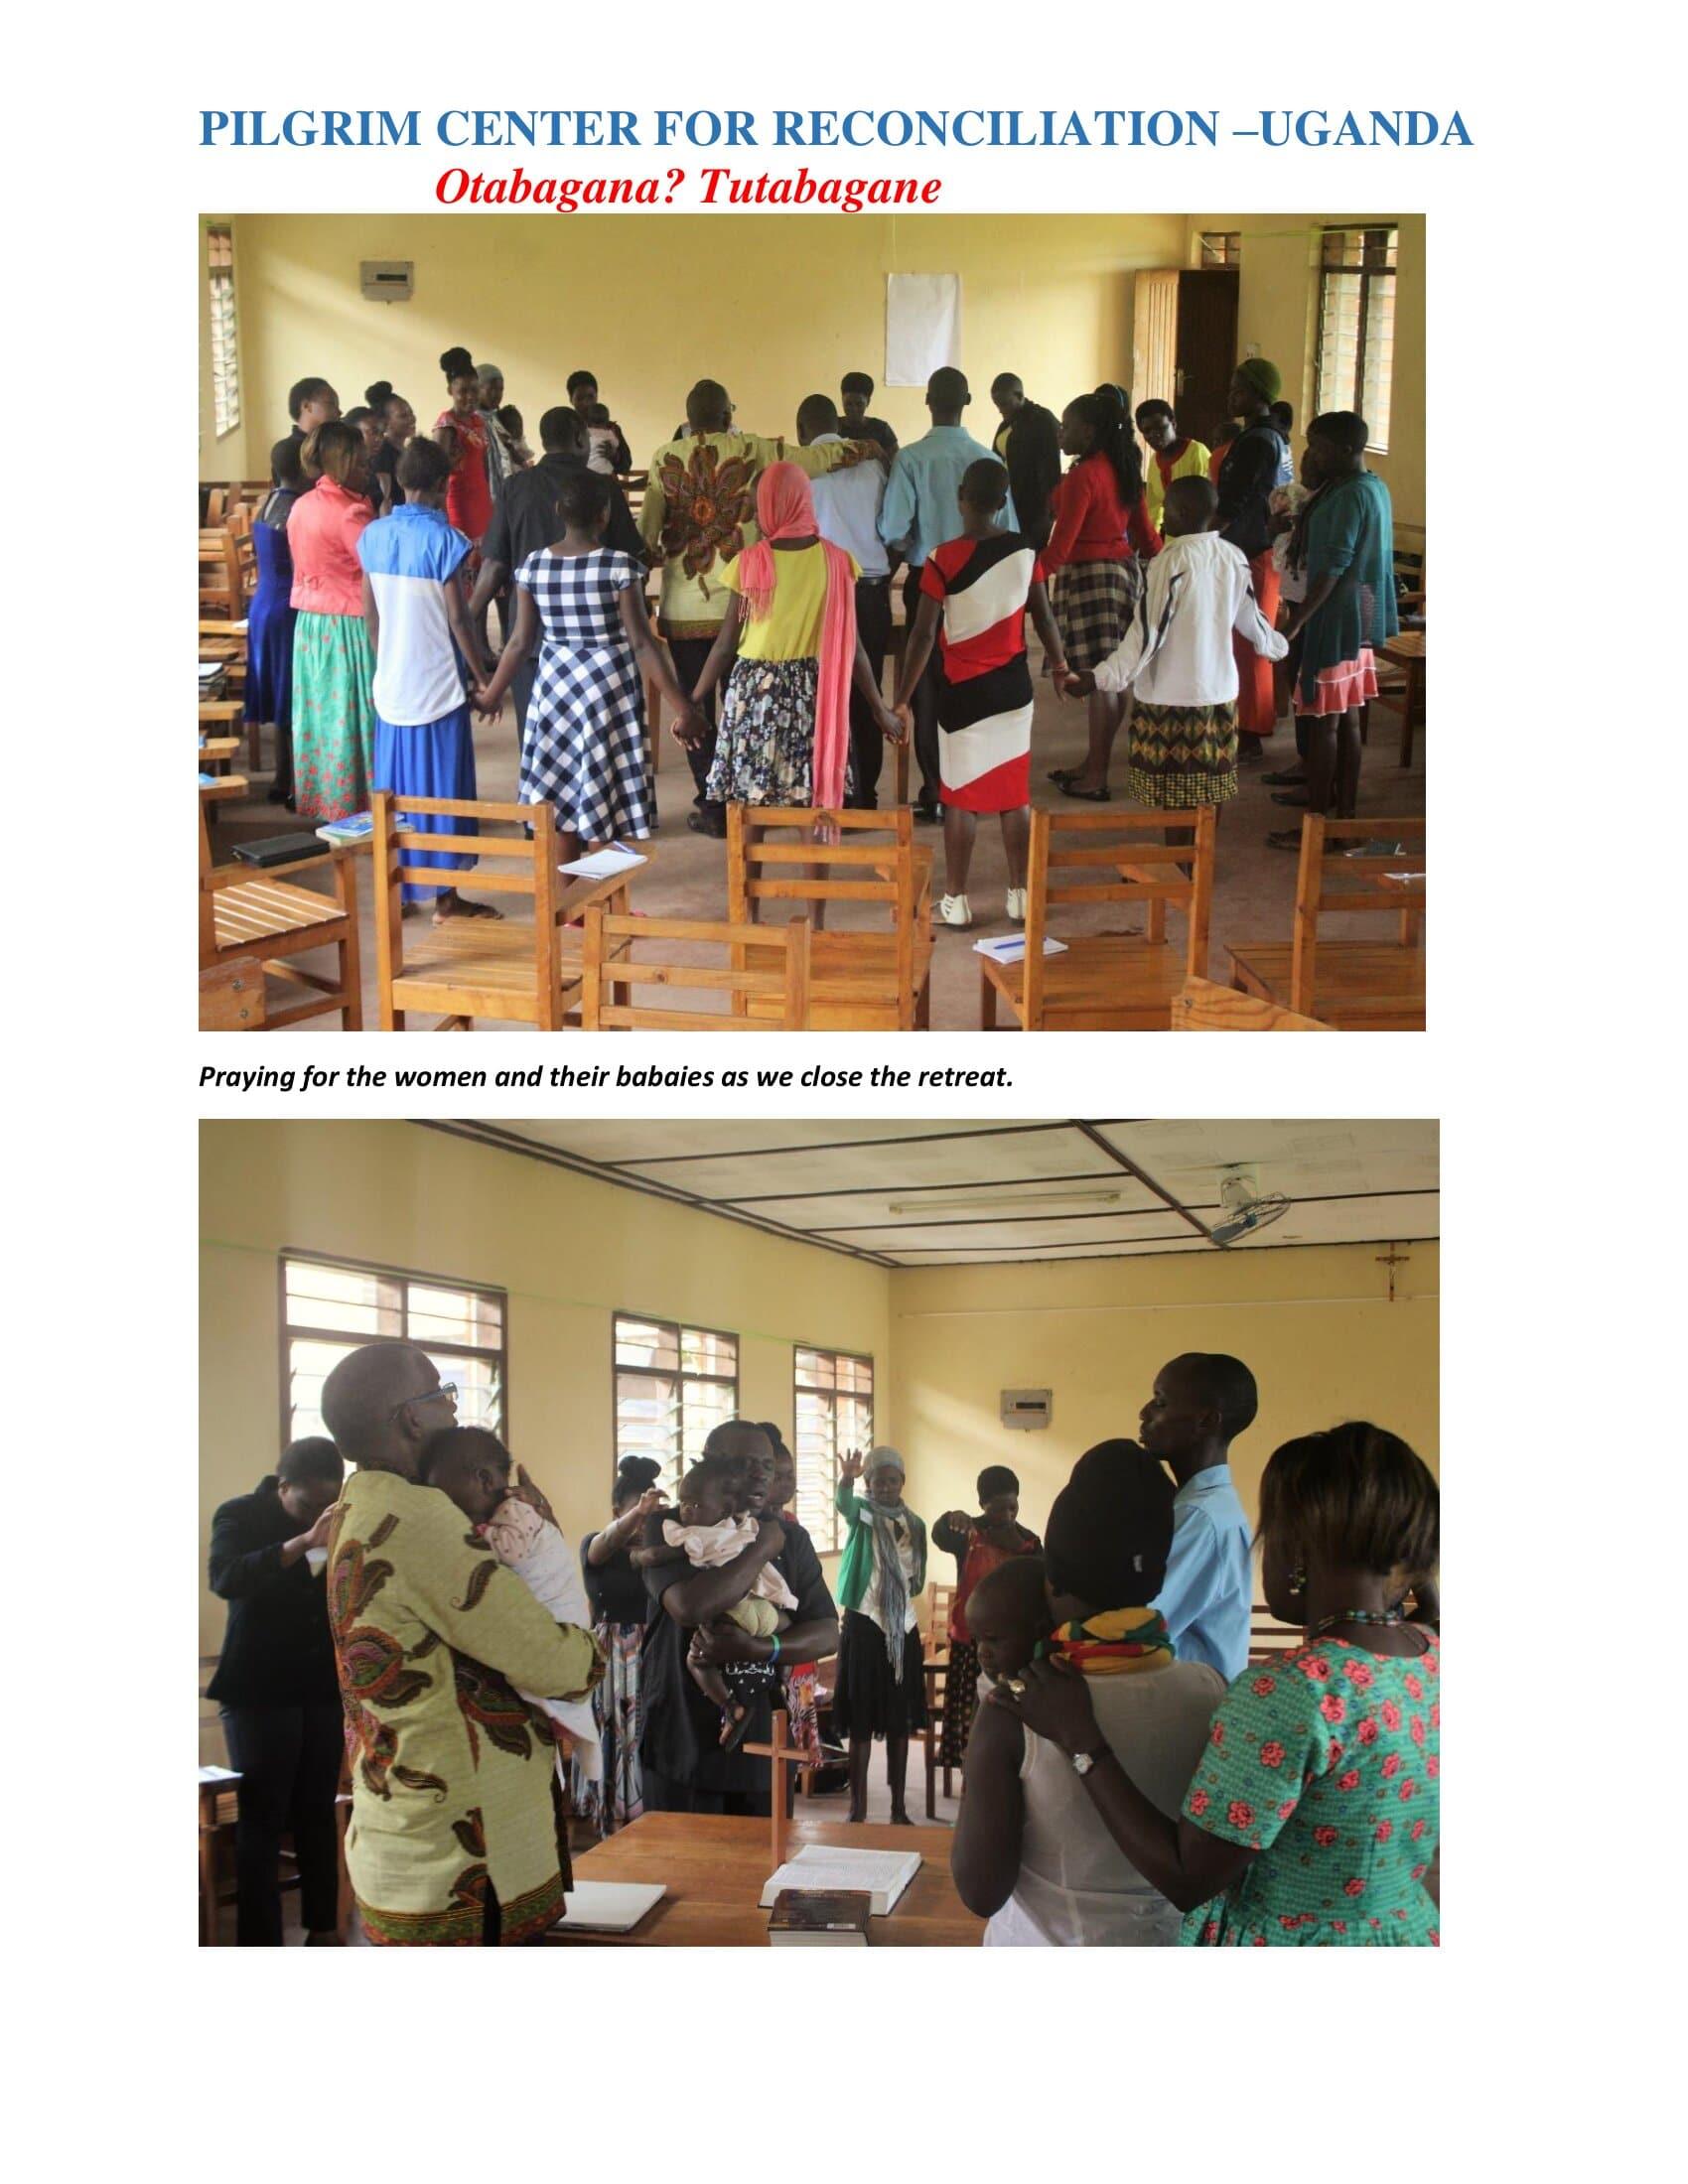 Pirigrim center for reconcilation -Uganda _0016-min